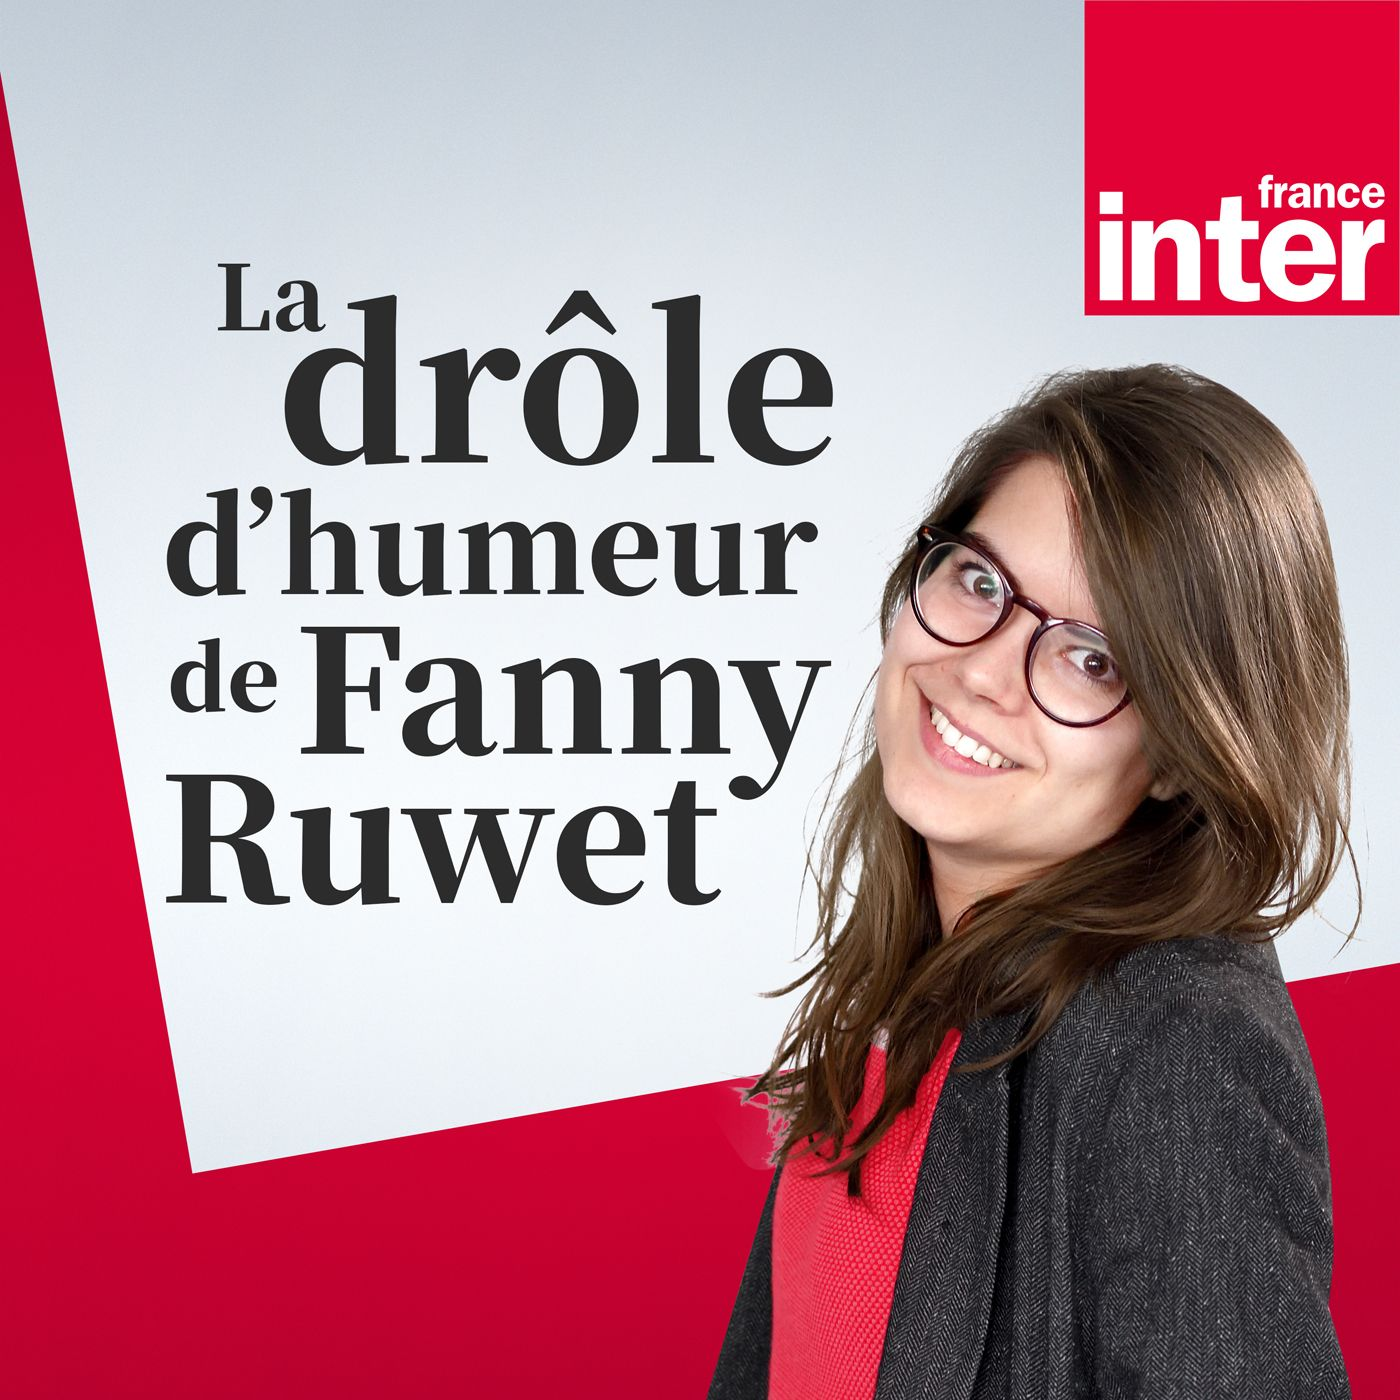 Image 1: La drole d humeur de Fanny Ruwet